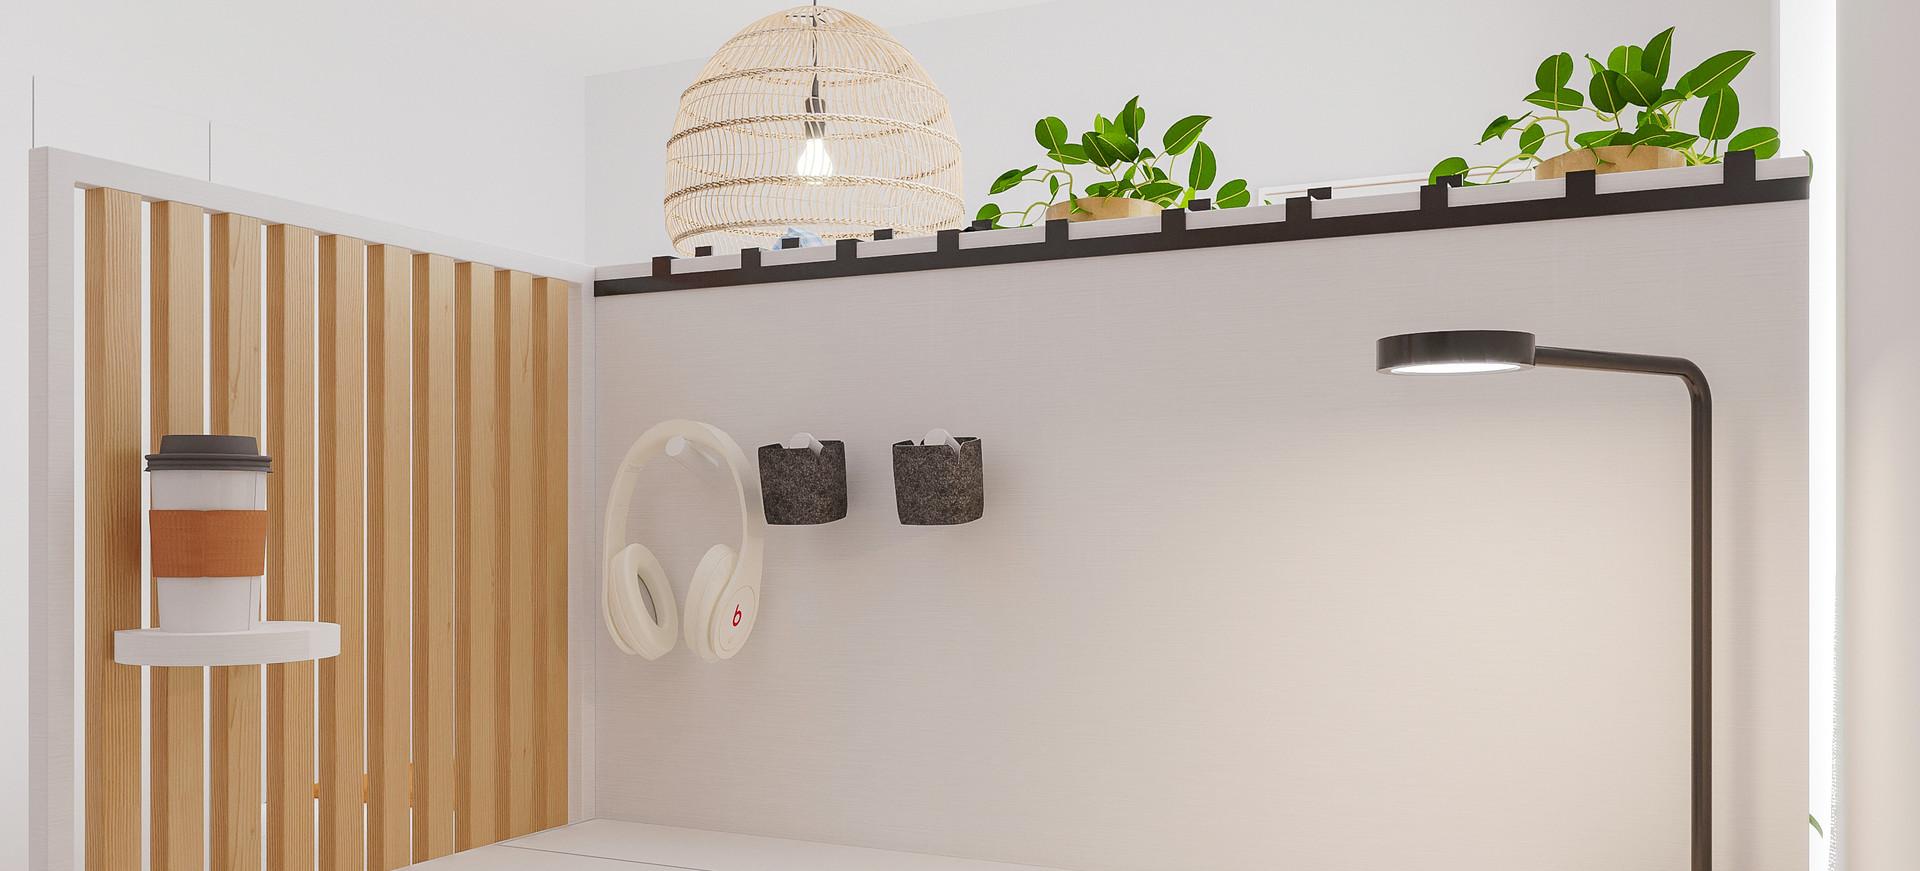 Cubi by Rima Design - Secretária flexivel para teletrabalho